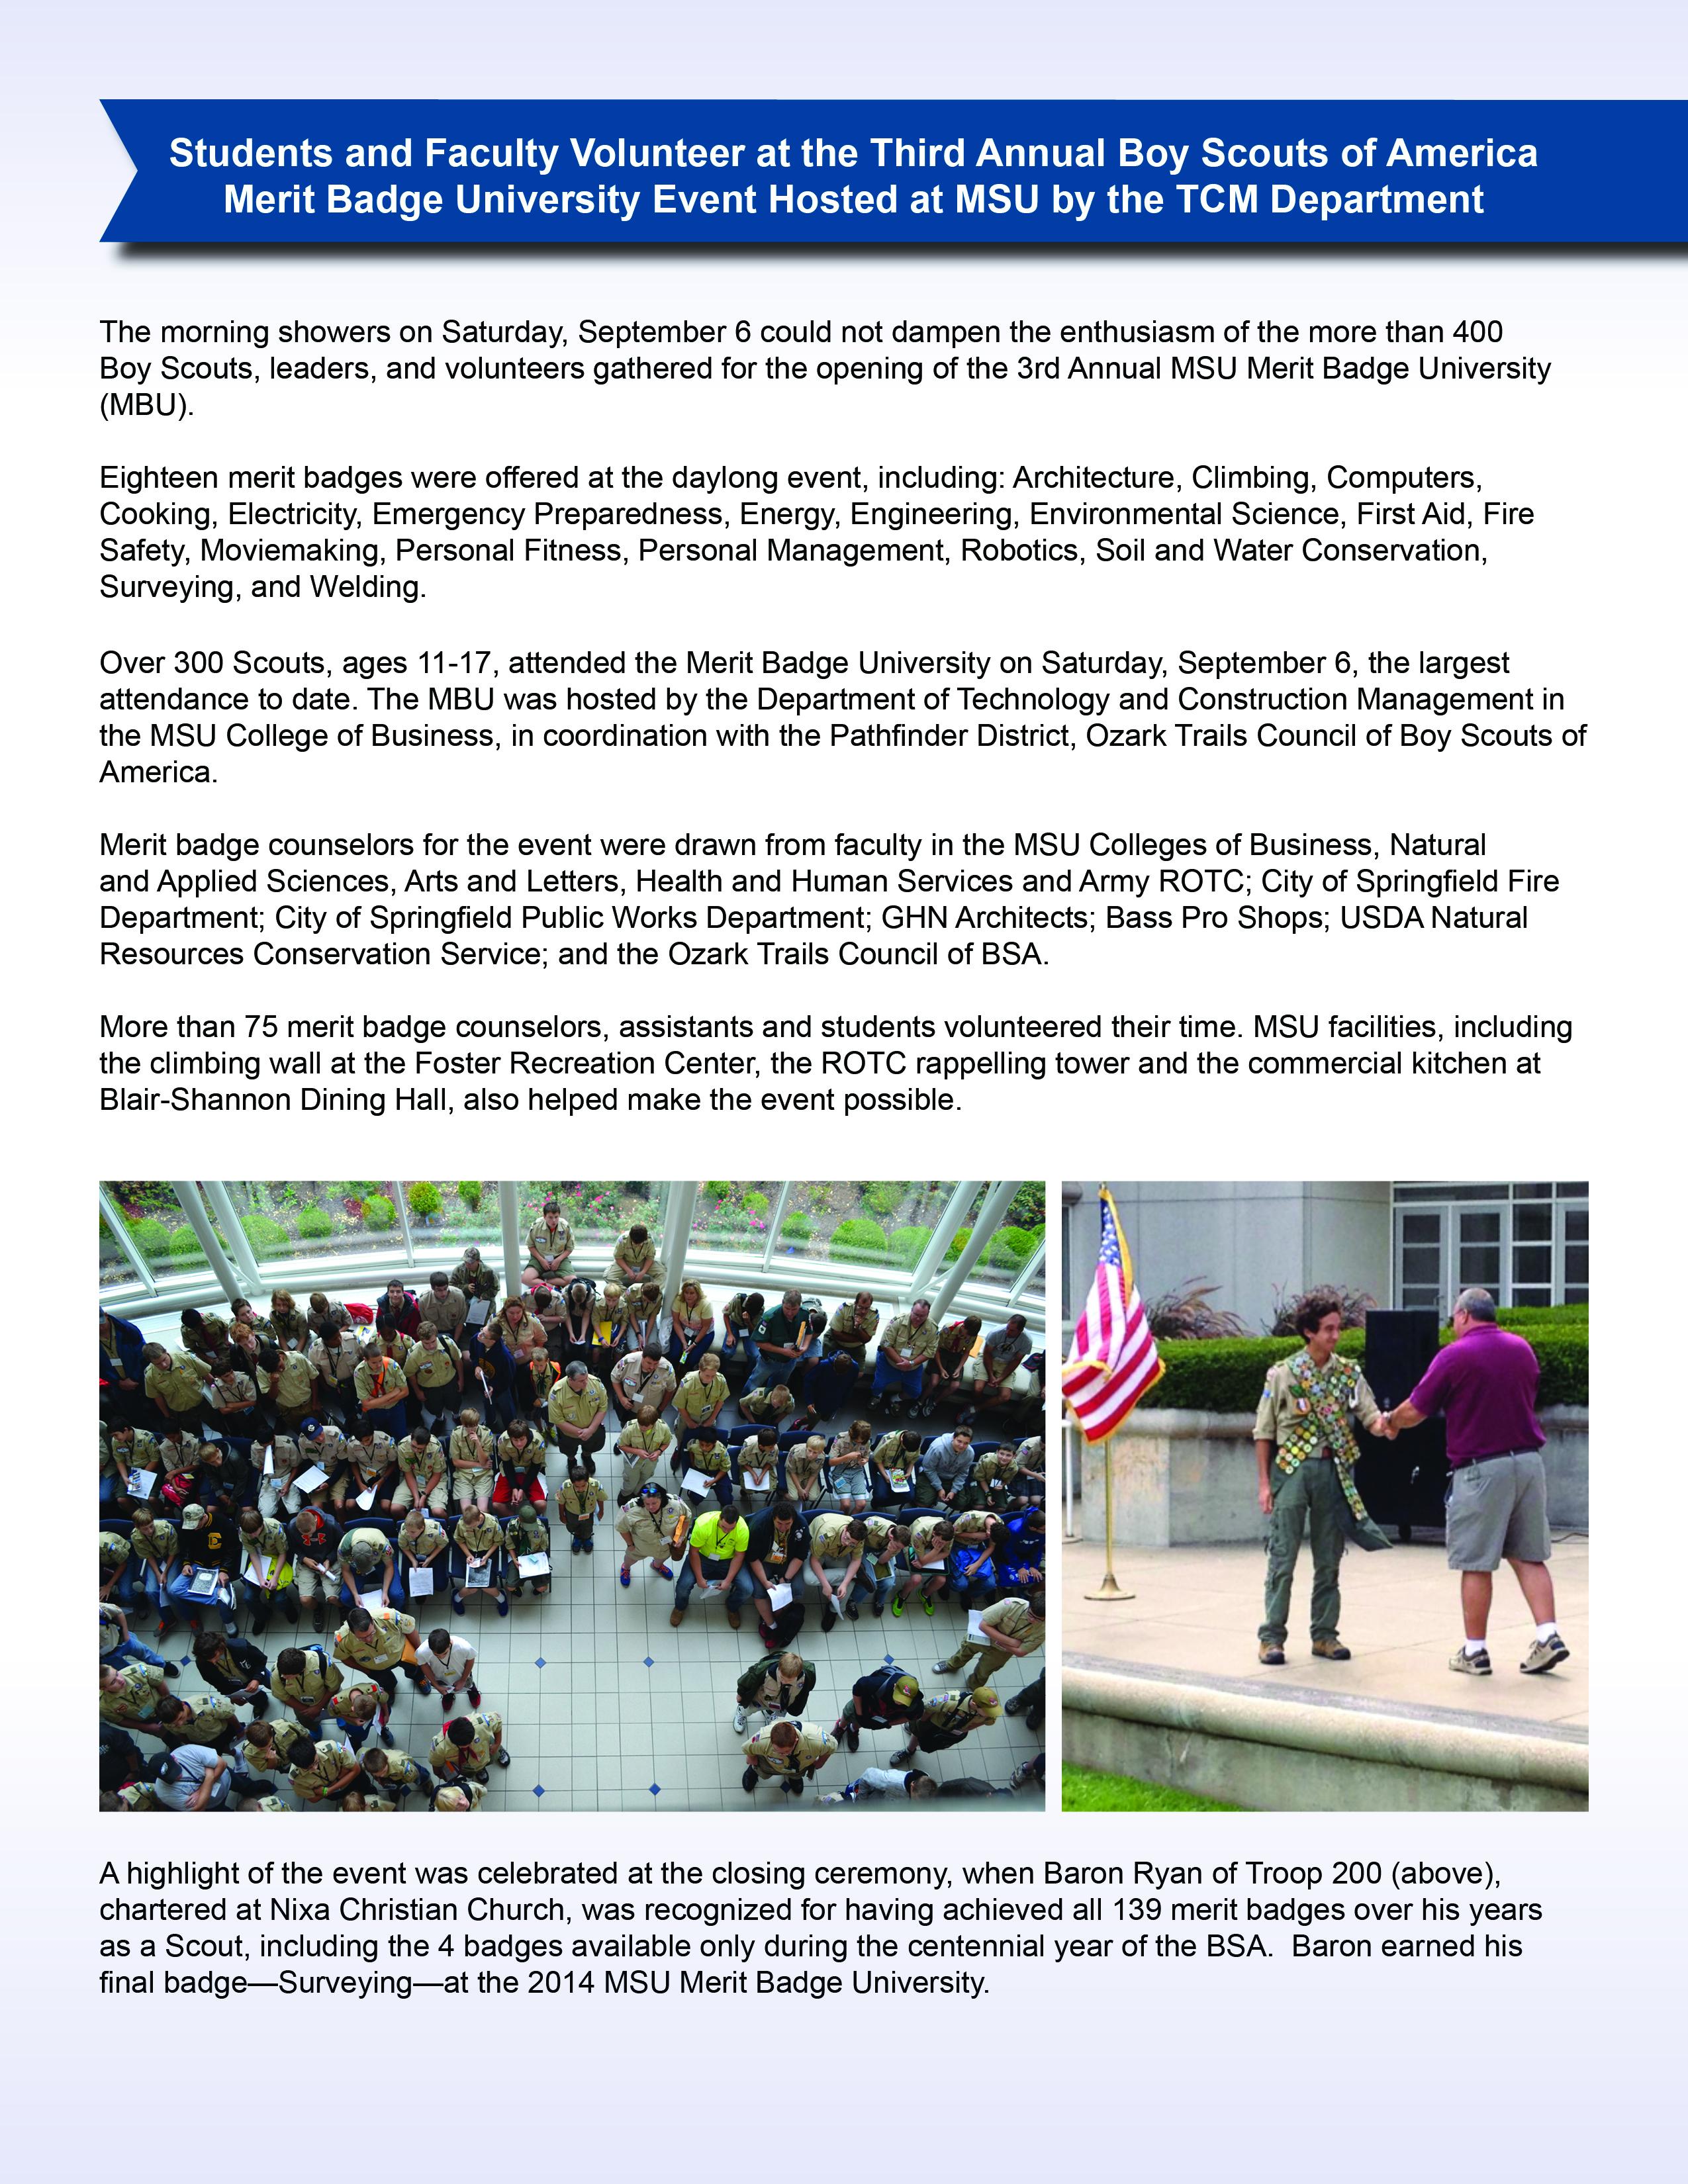 TCM Newsletter Fall 2014 (September)